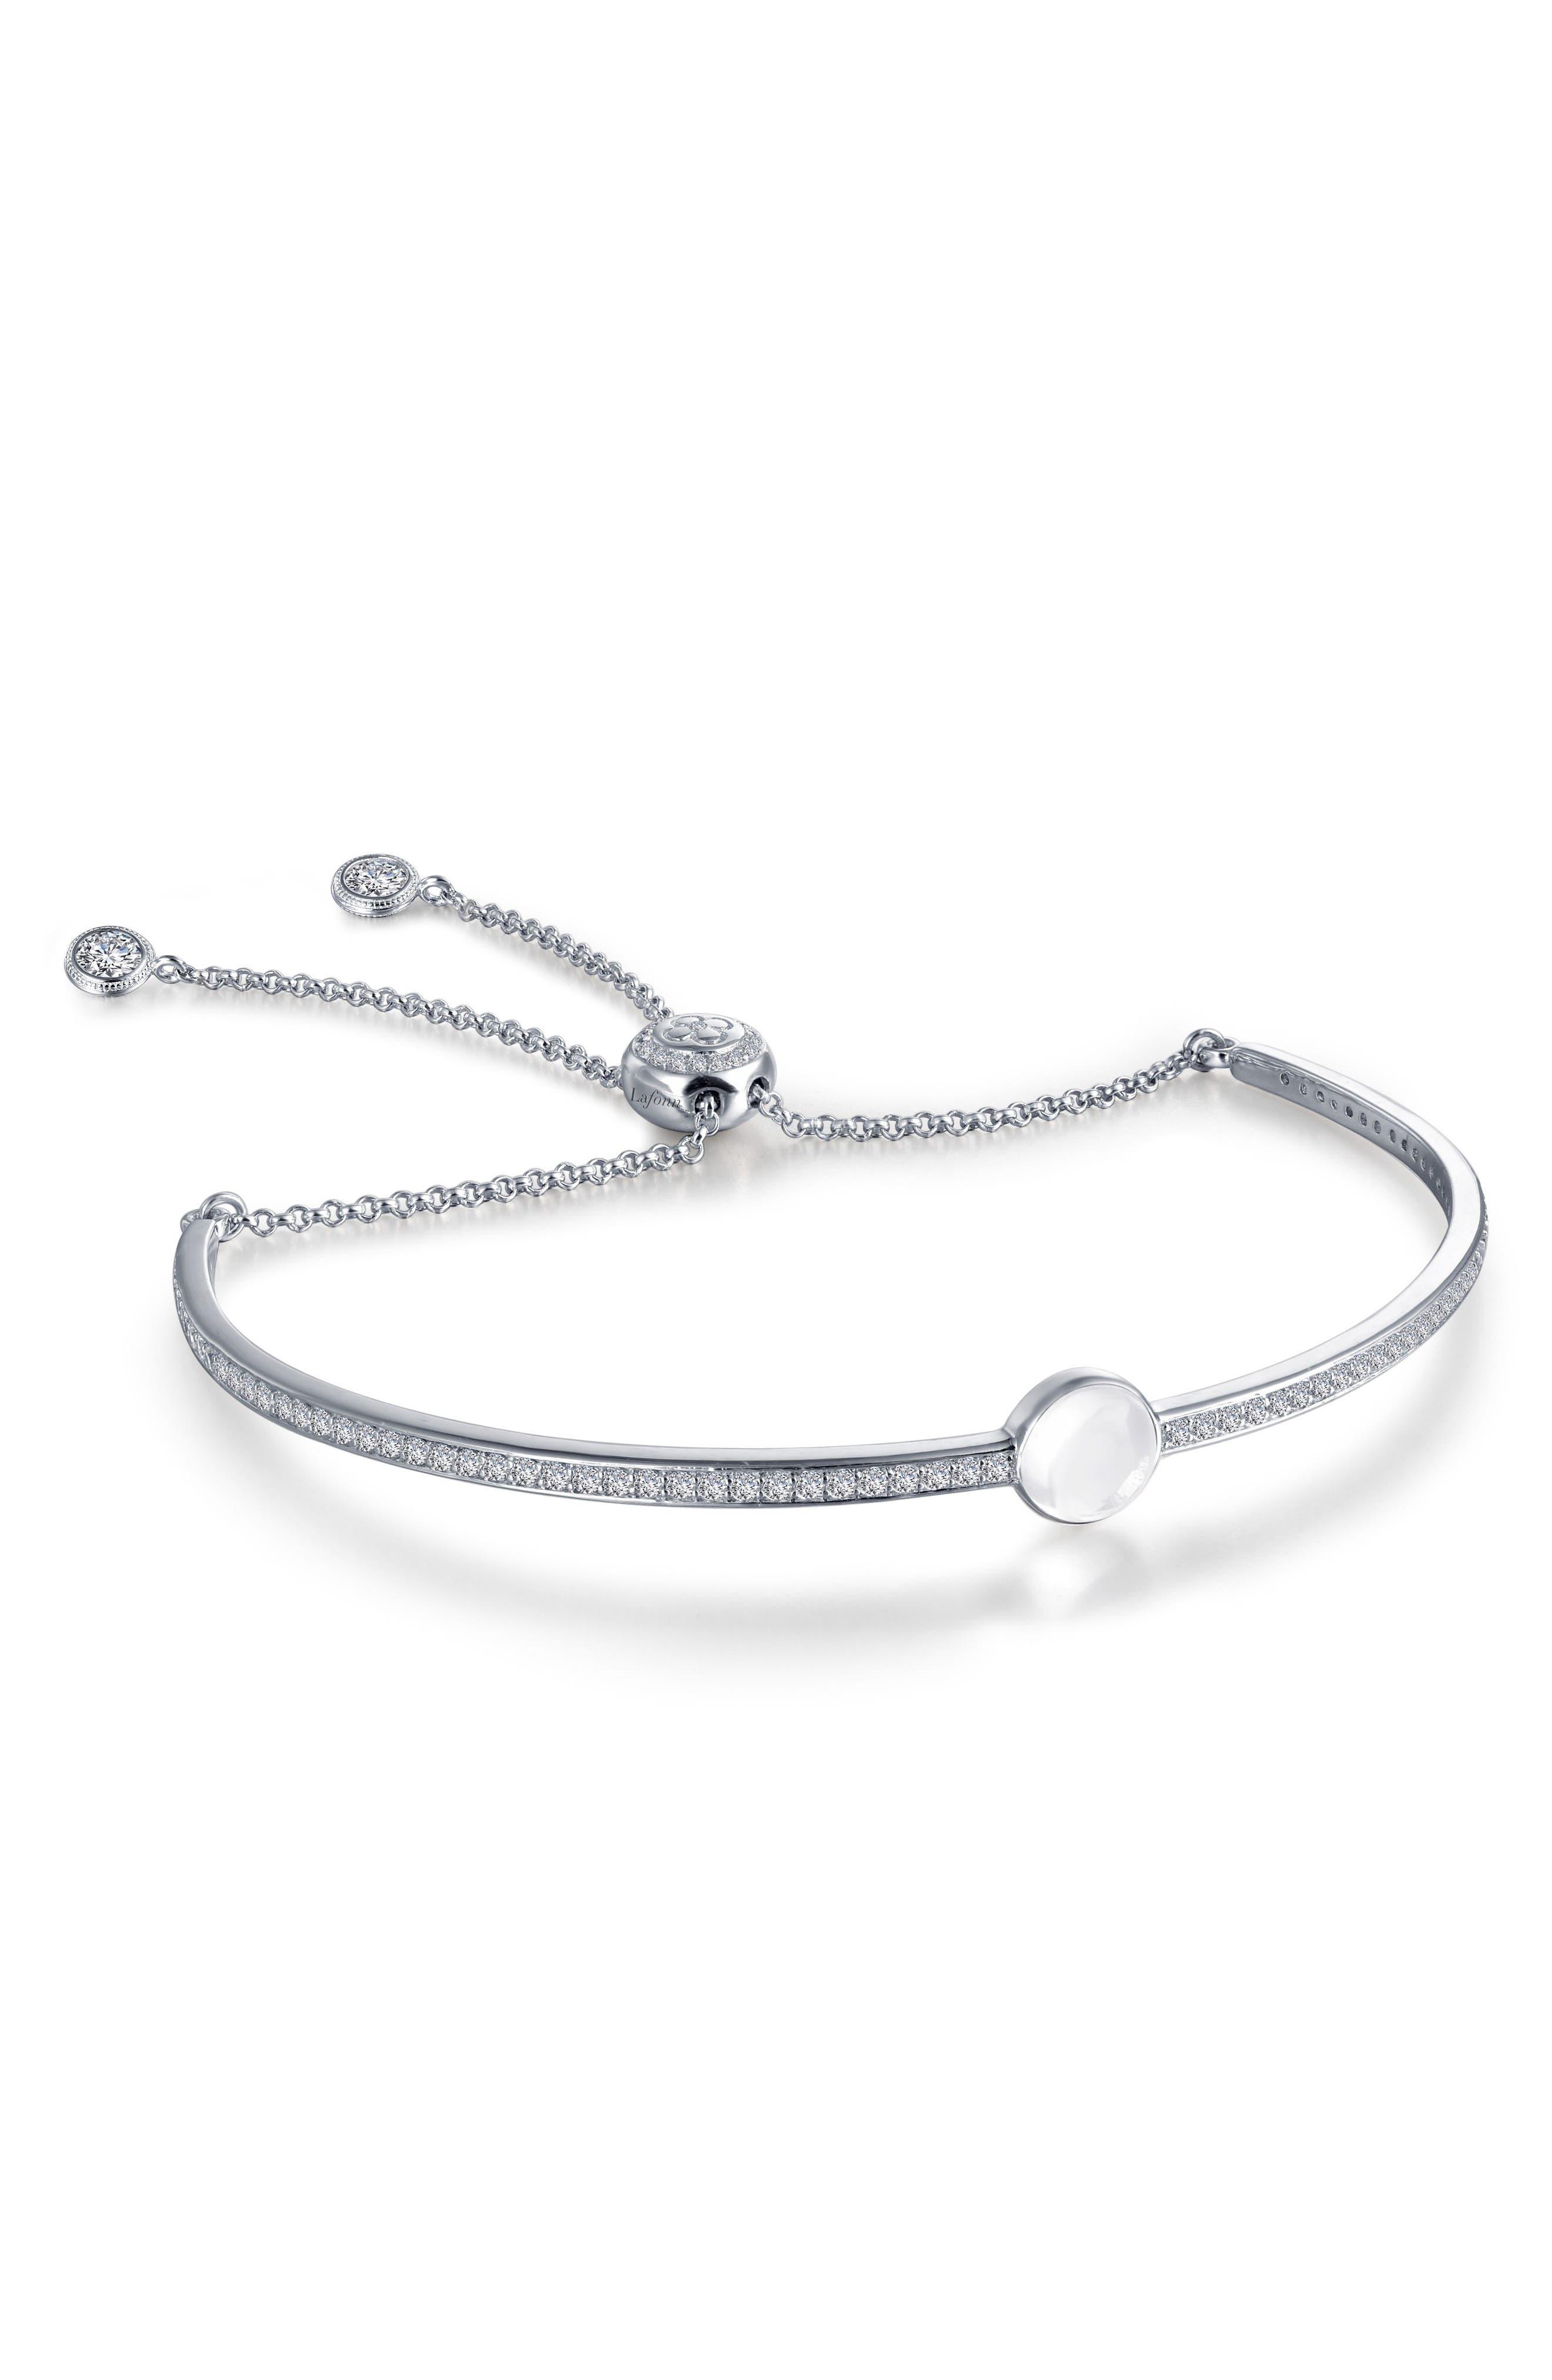 Main Image - Lafonn Jewel Simulated Diamond Birthstone Bracelet